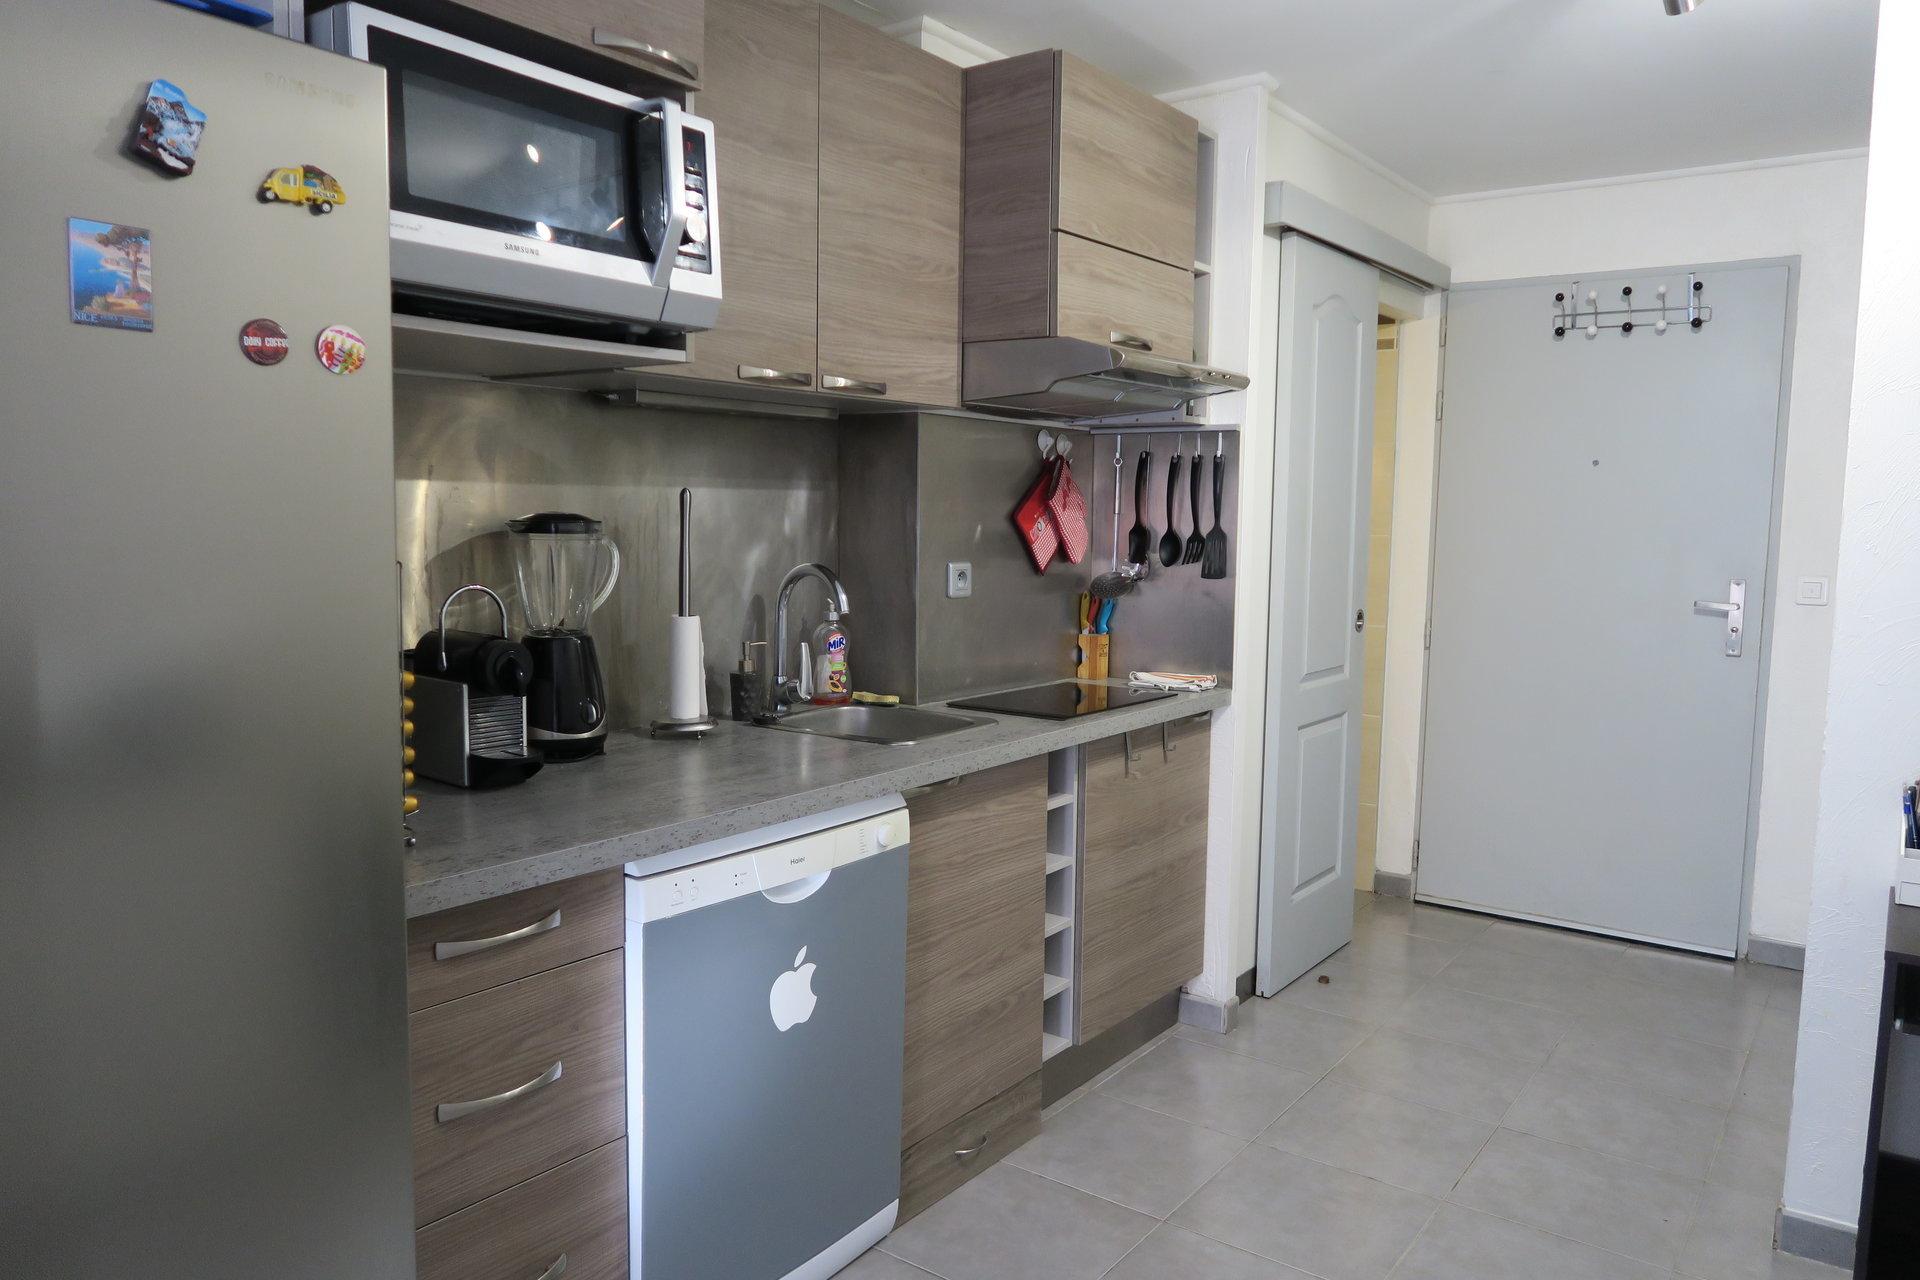 Appartement 2 Pièces 29 m² à vendre - Cagnes-sur-mer